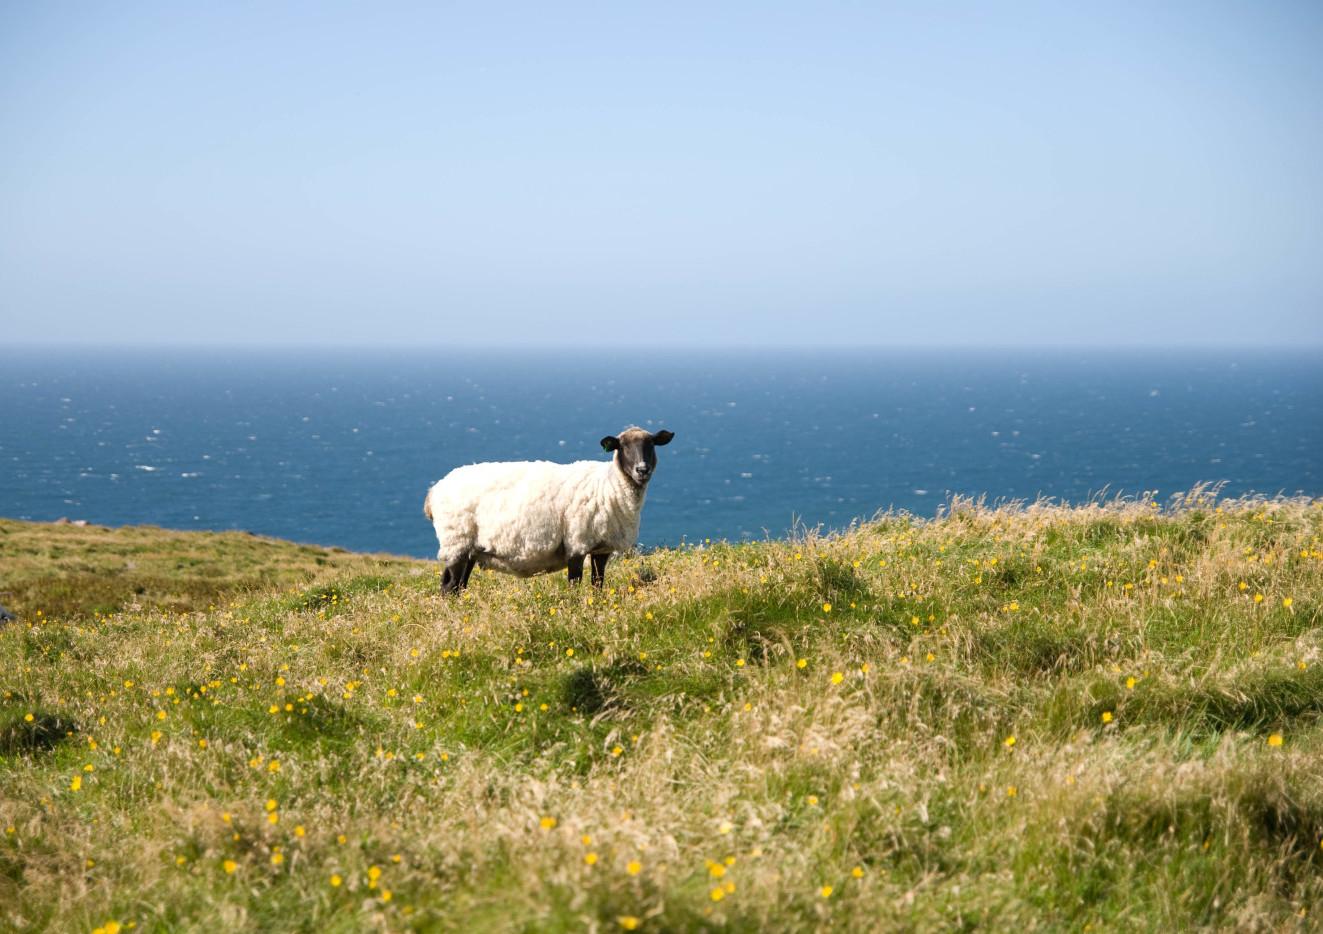 Lone Sheep by Arnaud Limbourg